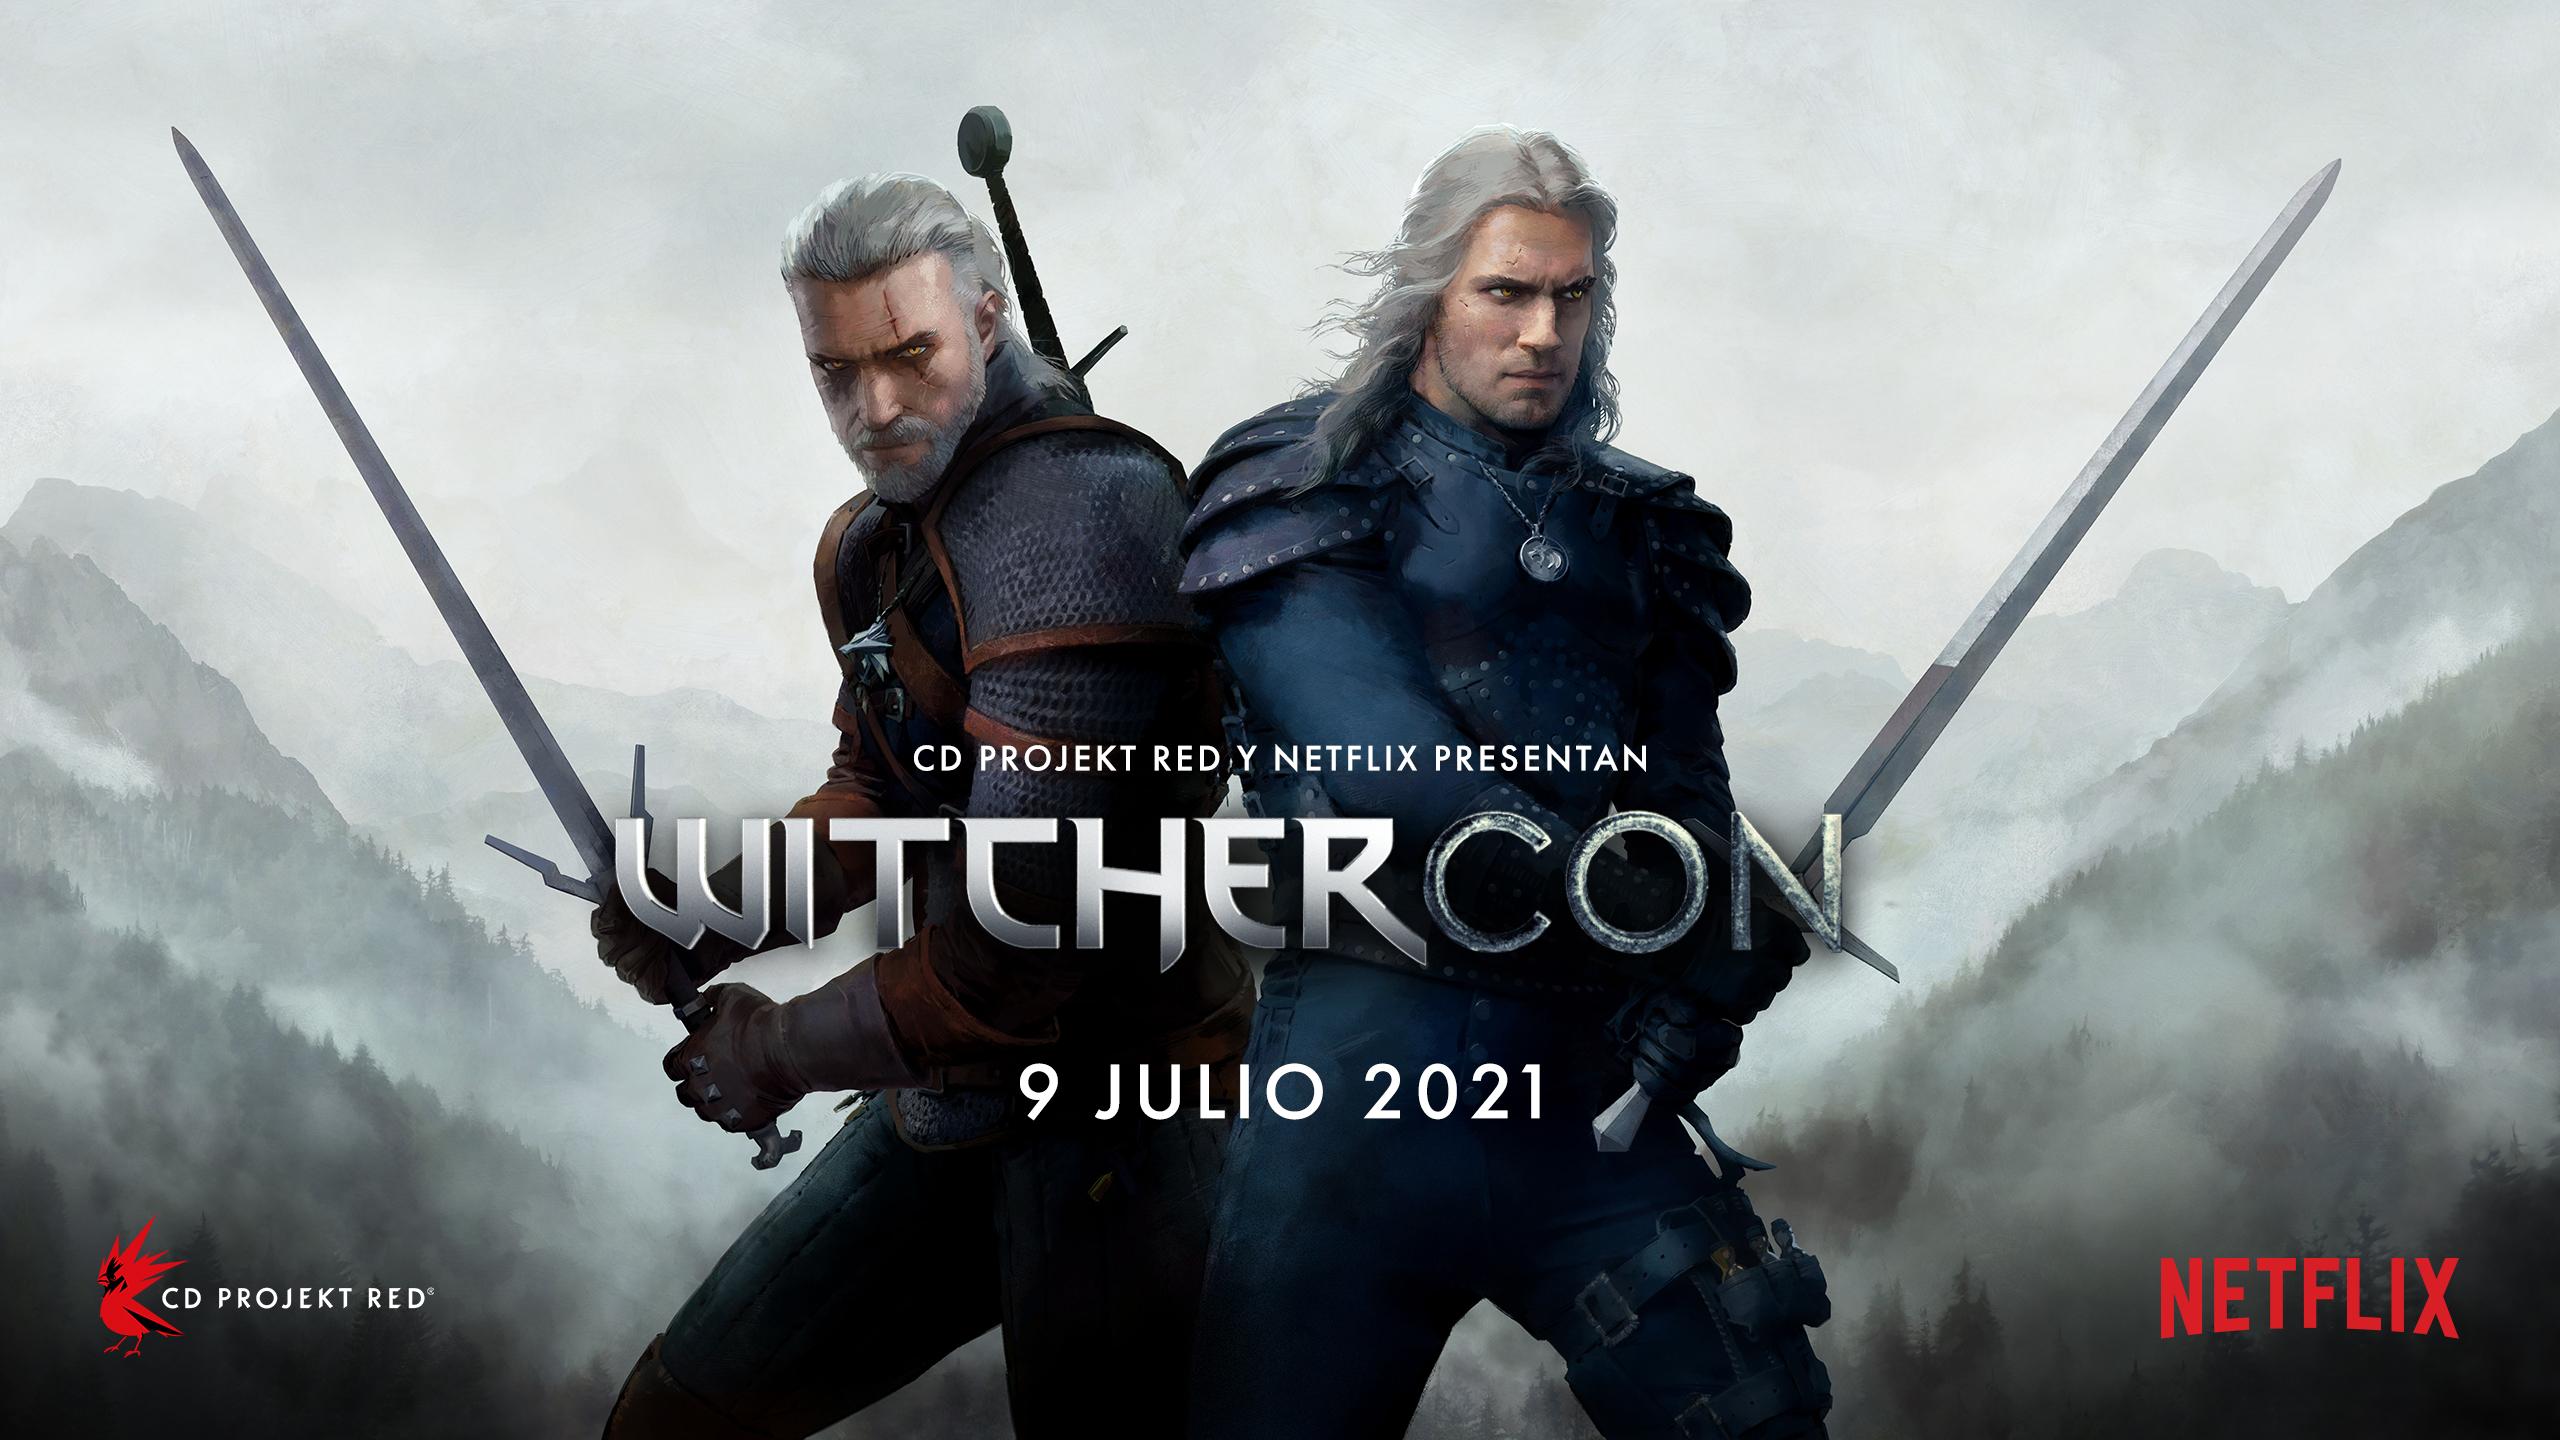 WitcherCon, evento exclusivo sobre la saga